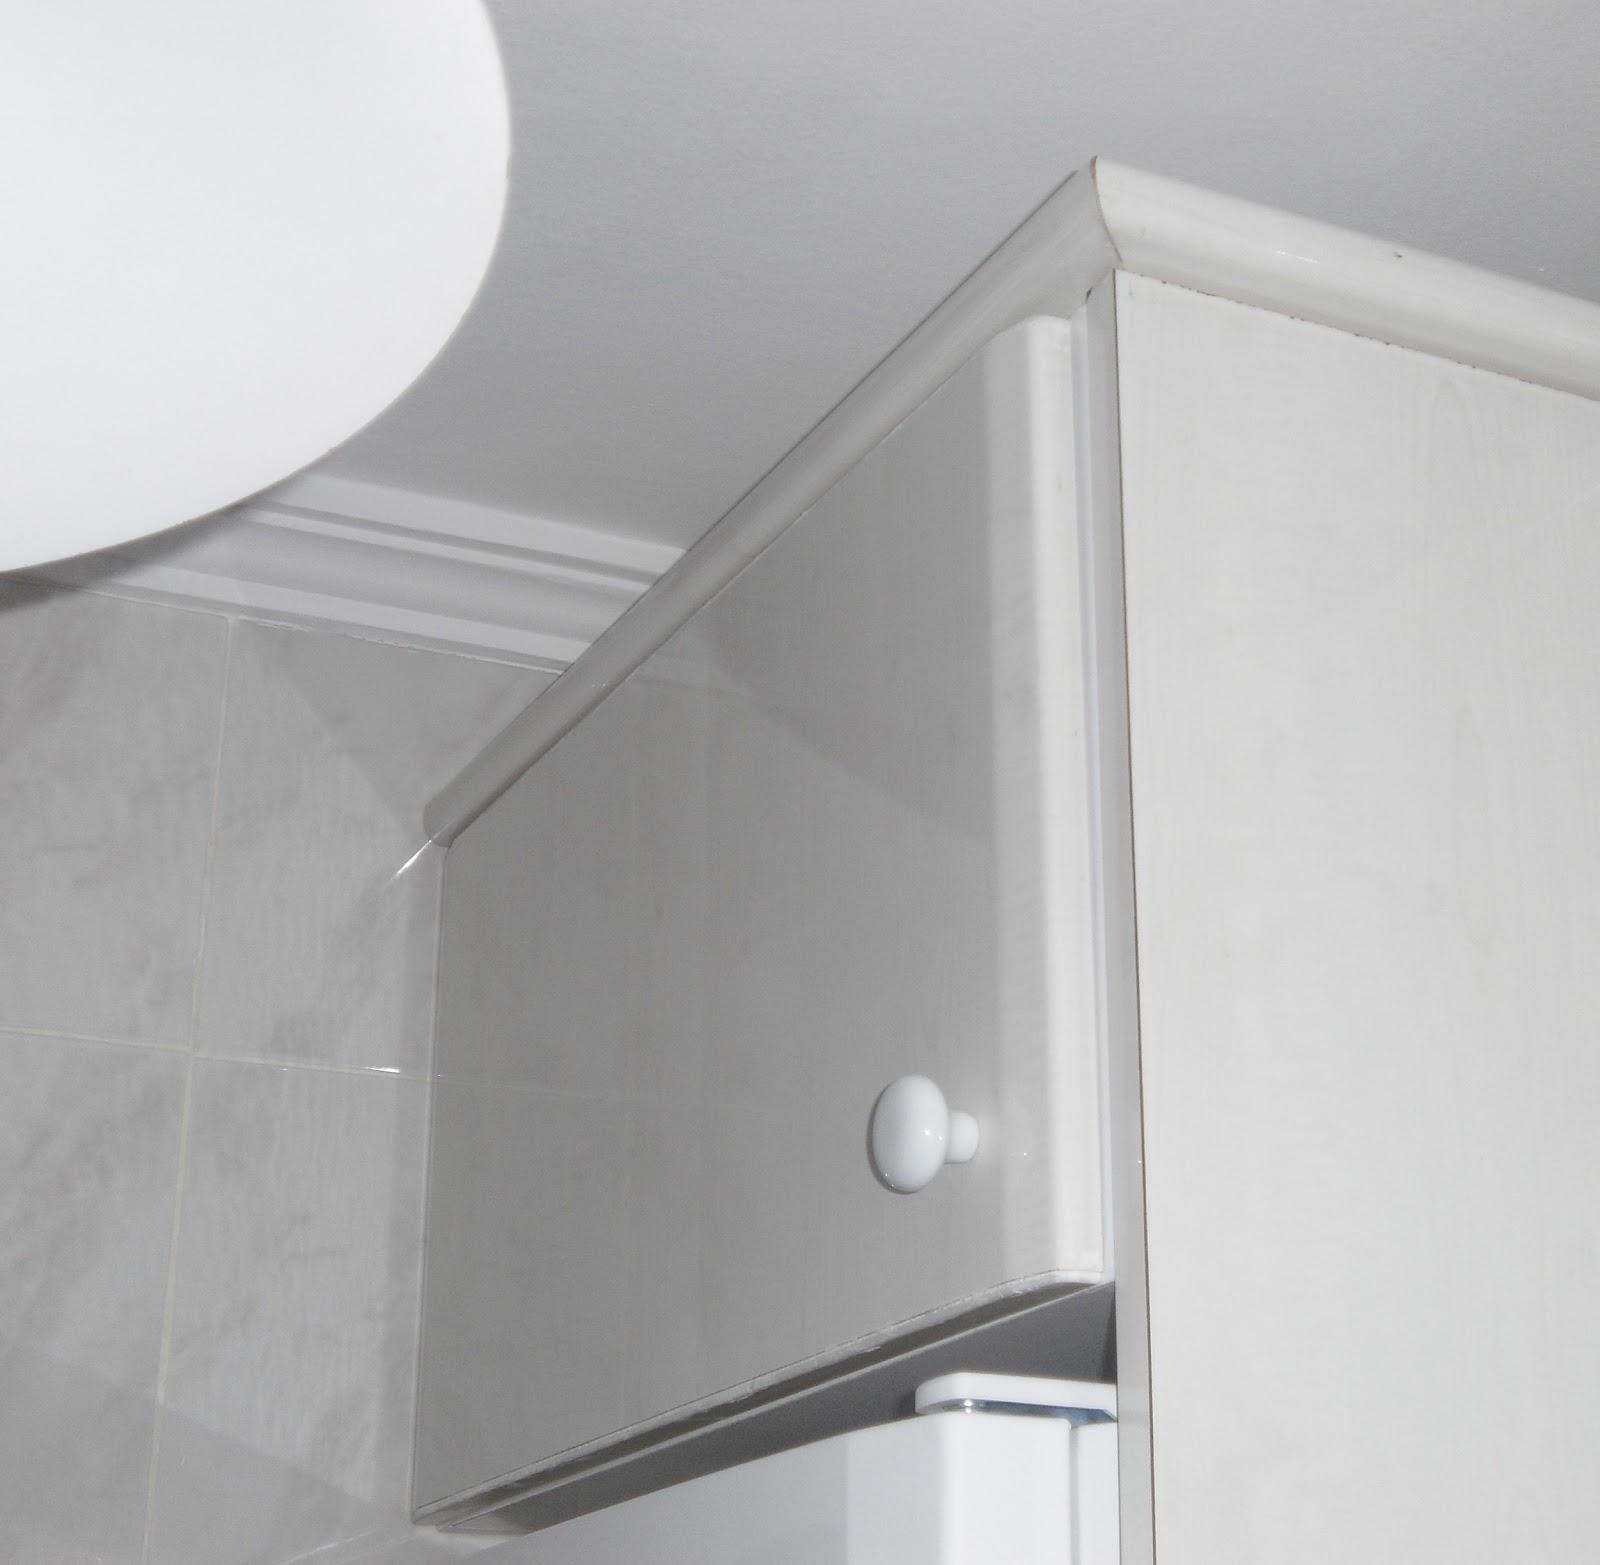 Caballito de cart n adaptar modulo de cocina encima del - Modulos de cocina ...